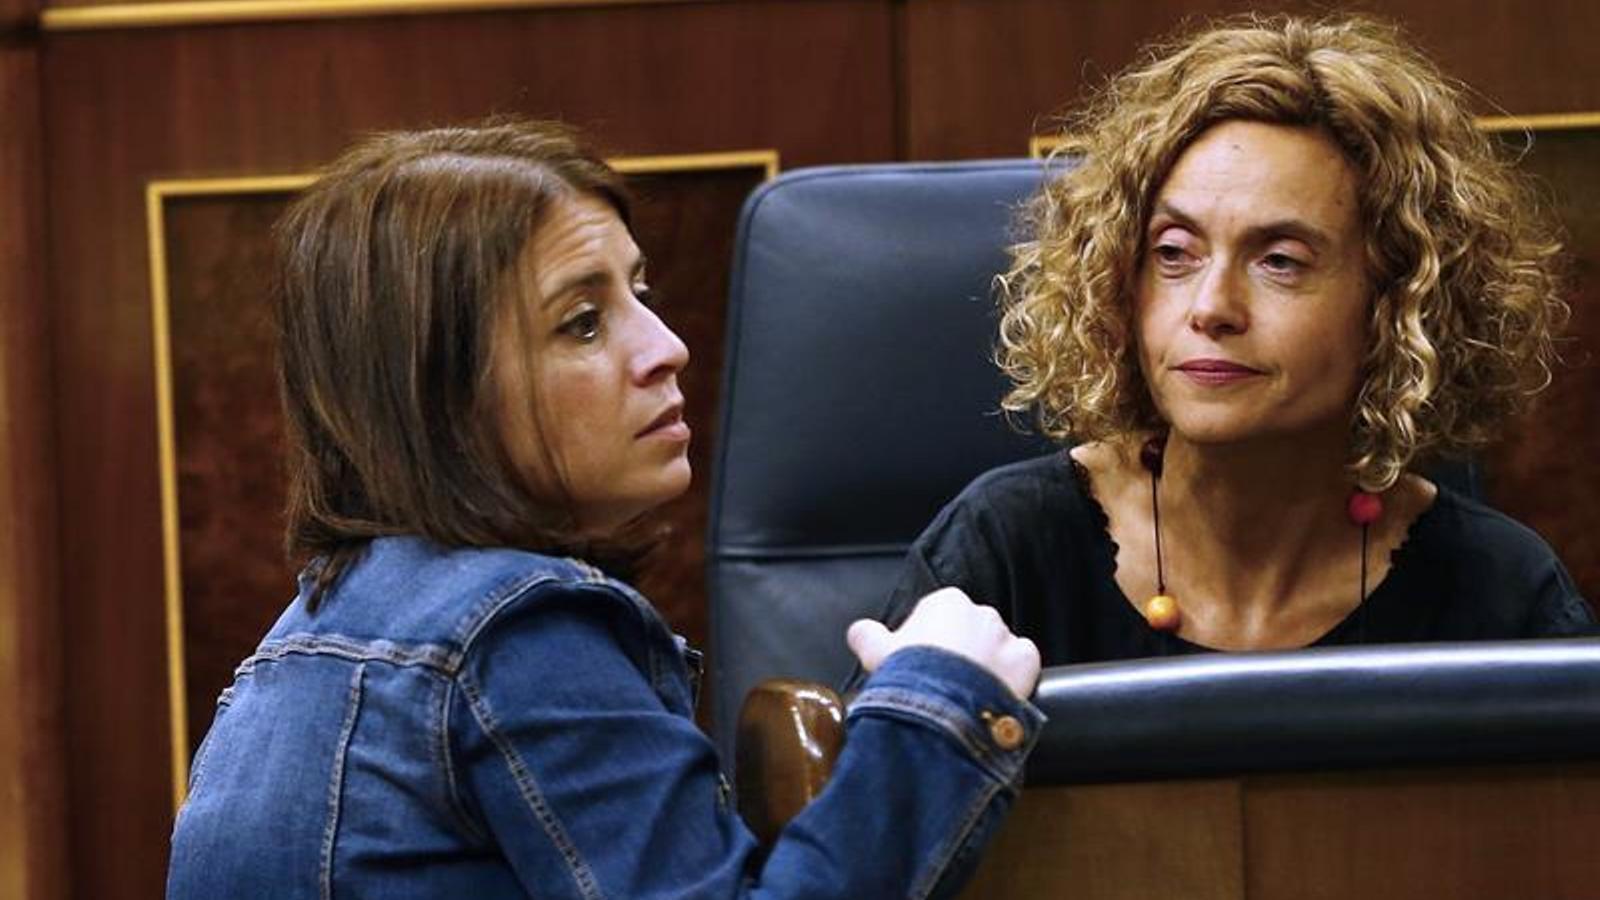 Meritxell Batet amb la portaveu del PSOE al Congrés, Adriana Lastra, dimarts passat durant el ple del Congrés. EFE